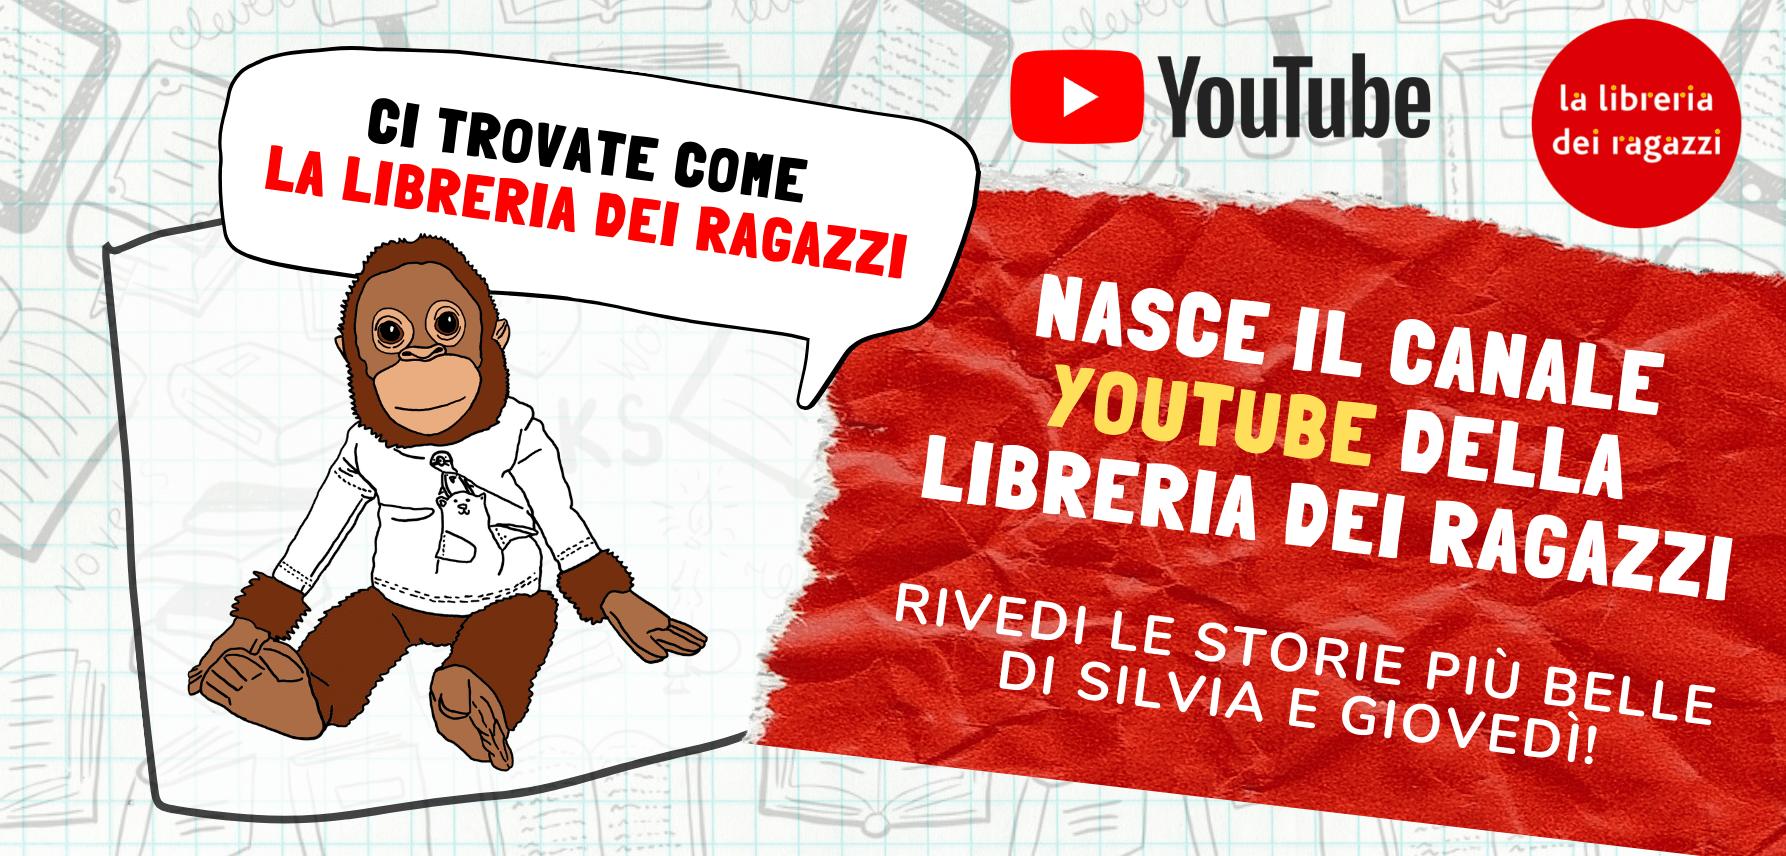 youtube la libreria dei ragazzi